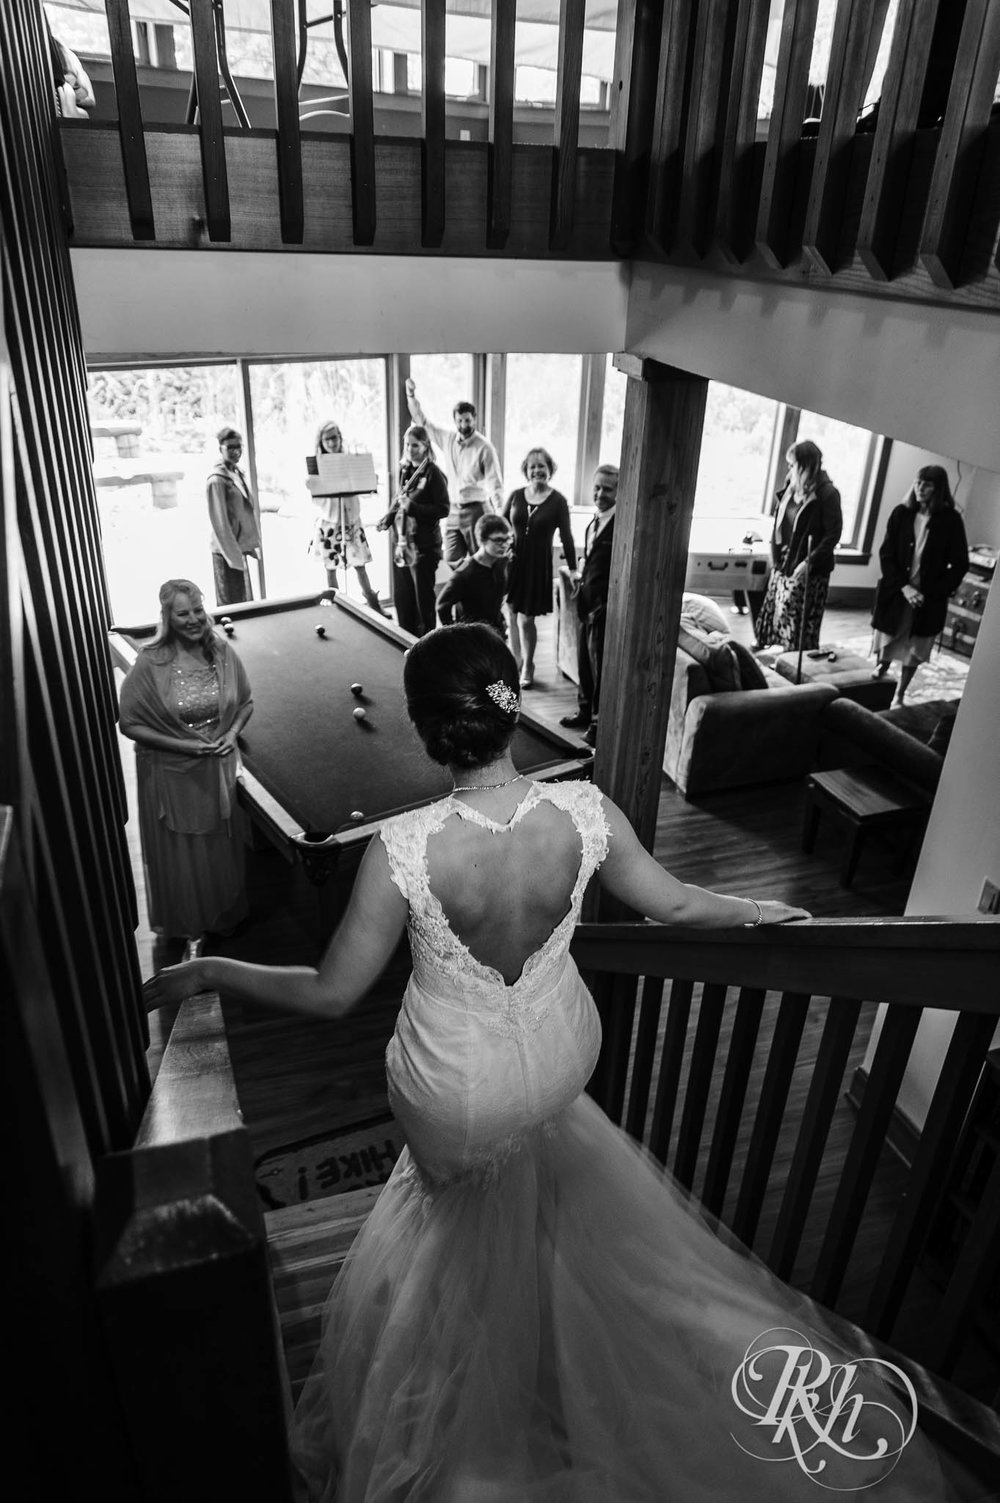 Tonya & Steve - Minnesota Wedding Photograhper - RKH Images - Blog (7 of 53).jpg